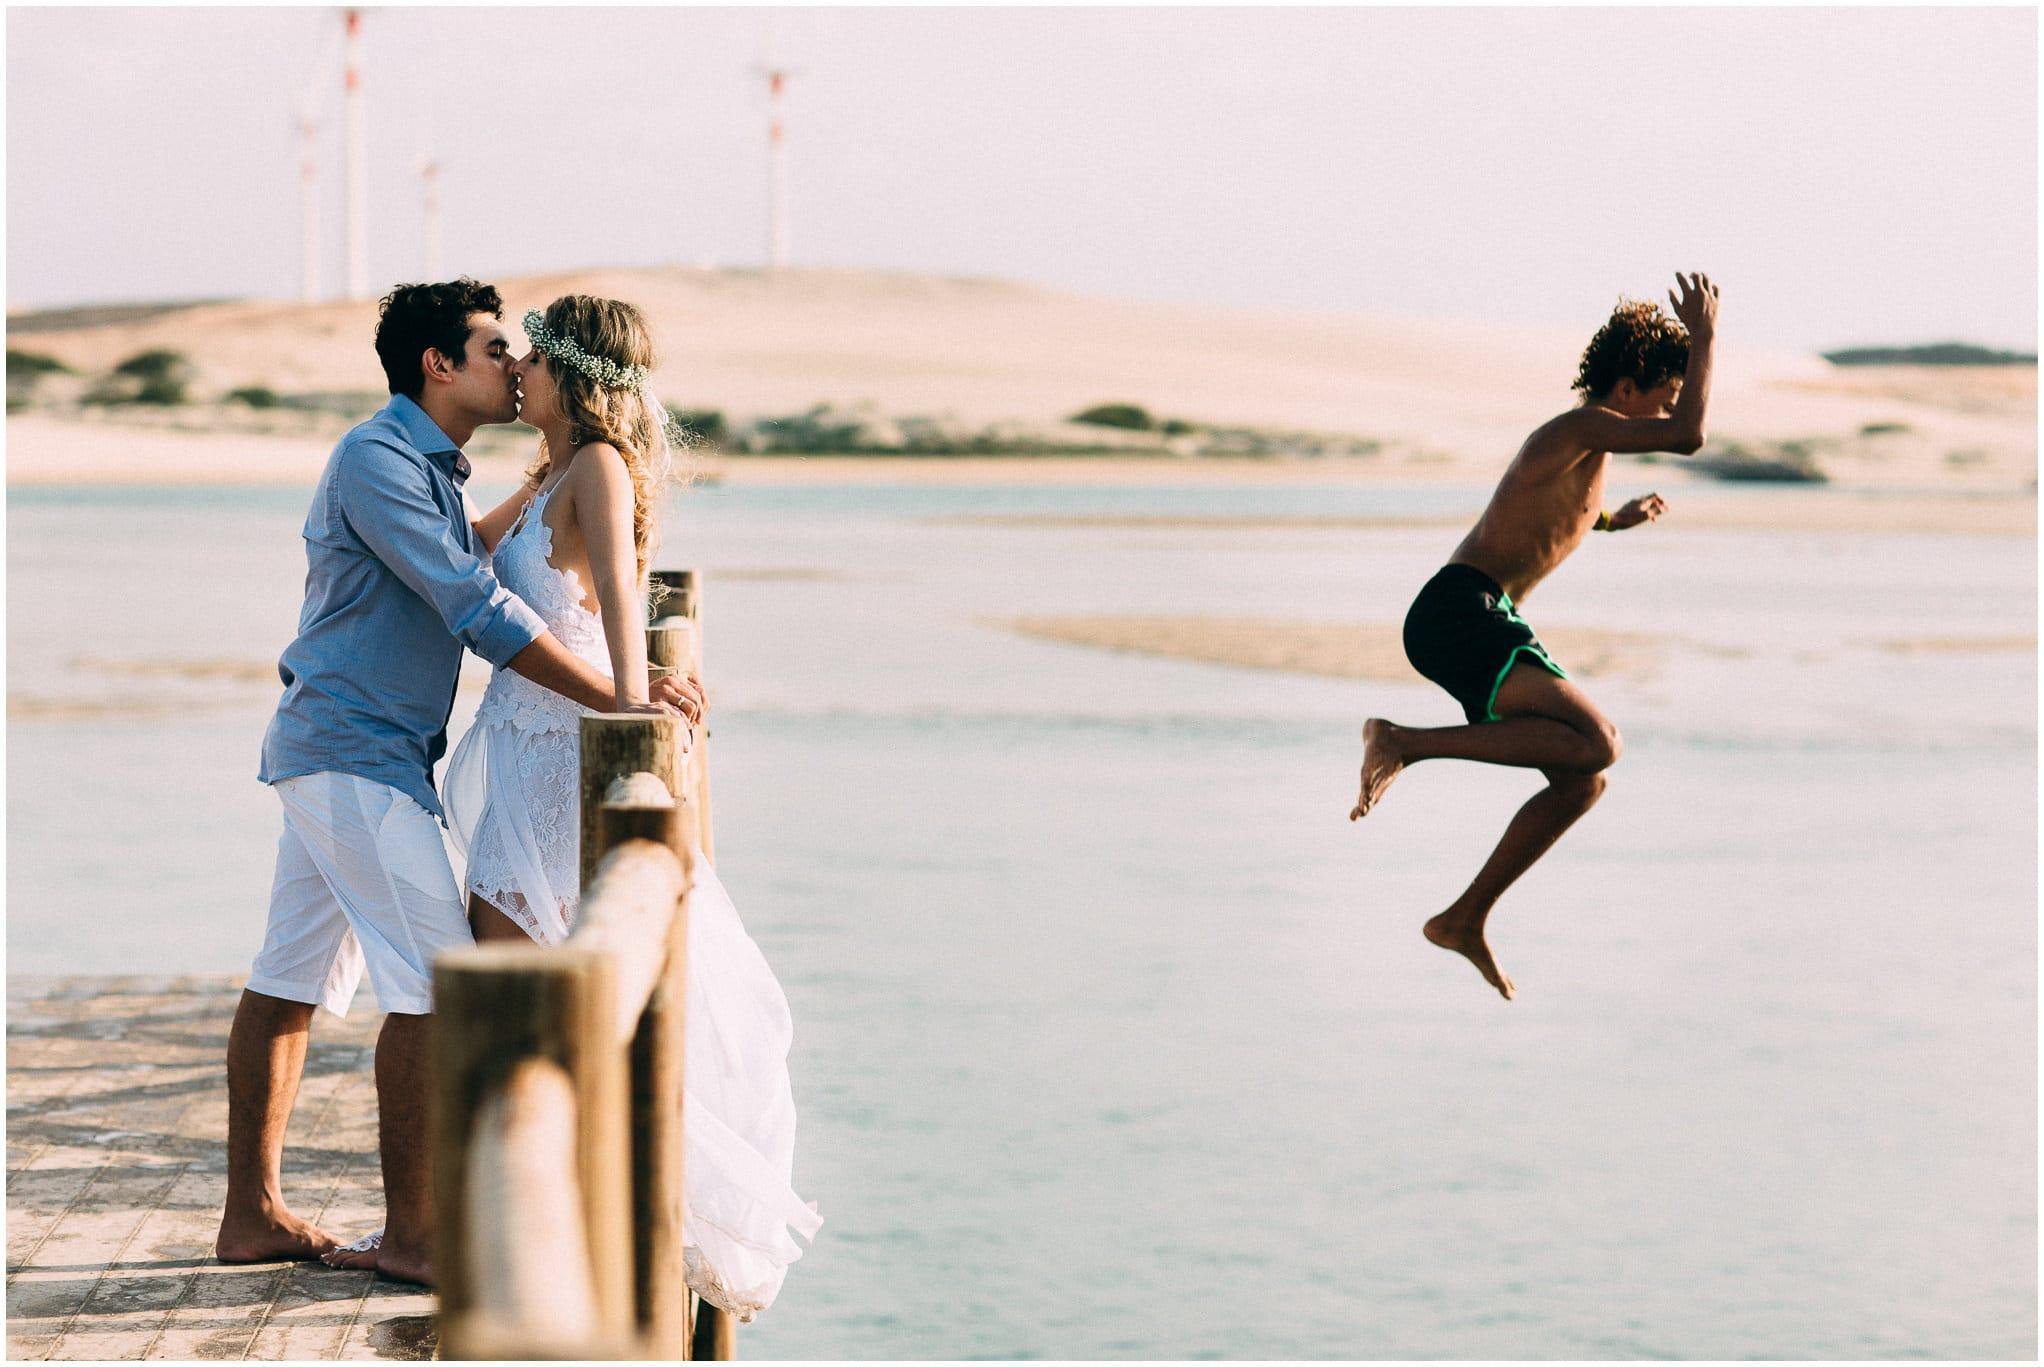 fotografo-de-casamento16